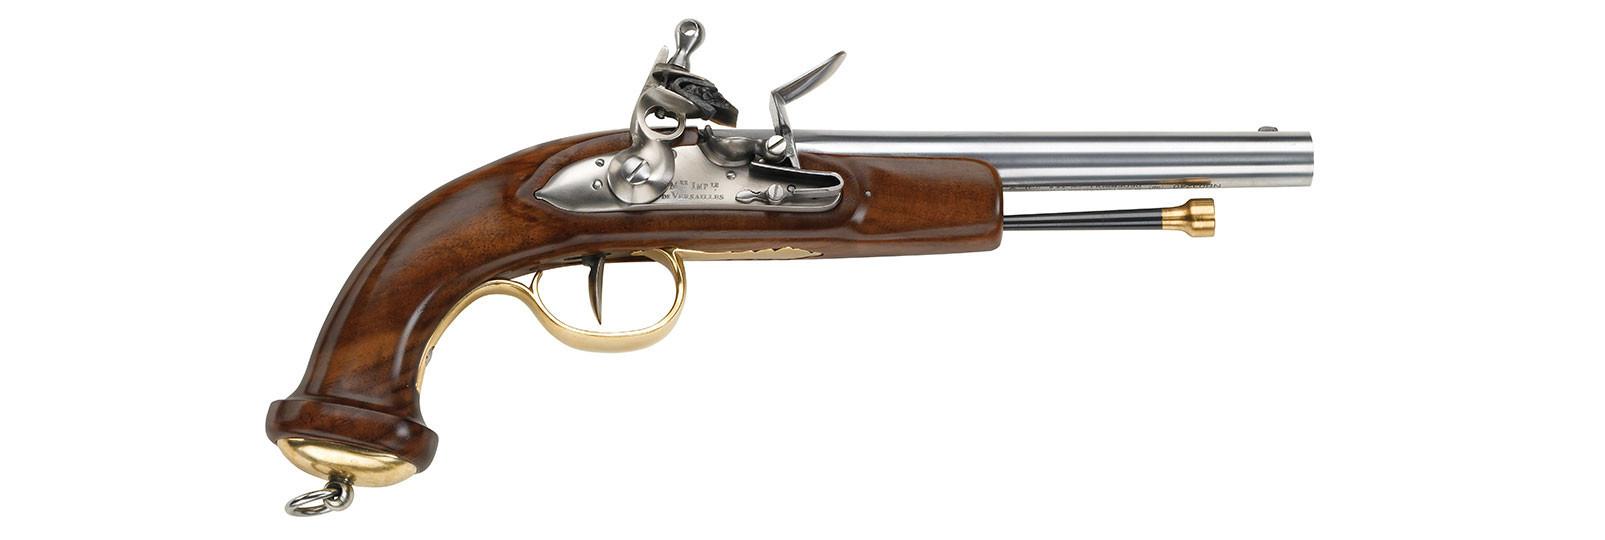 Mamelouk Pistol flintlock model